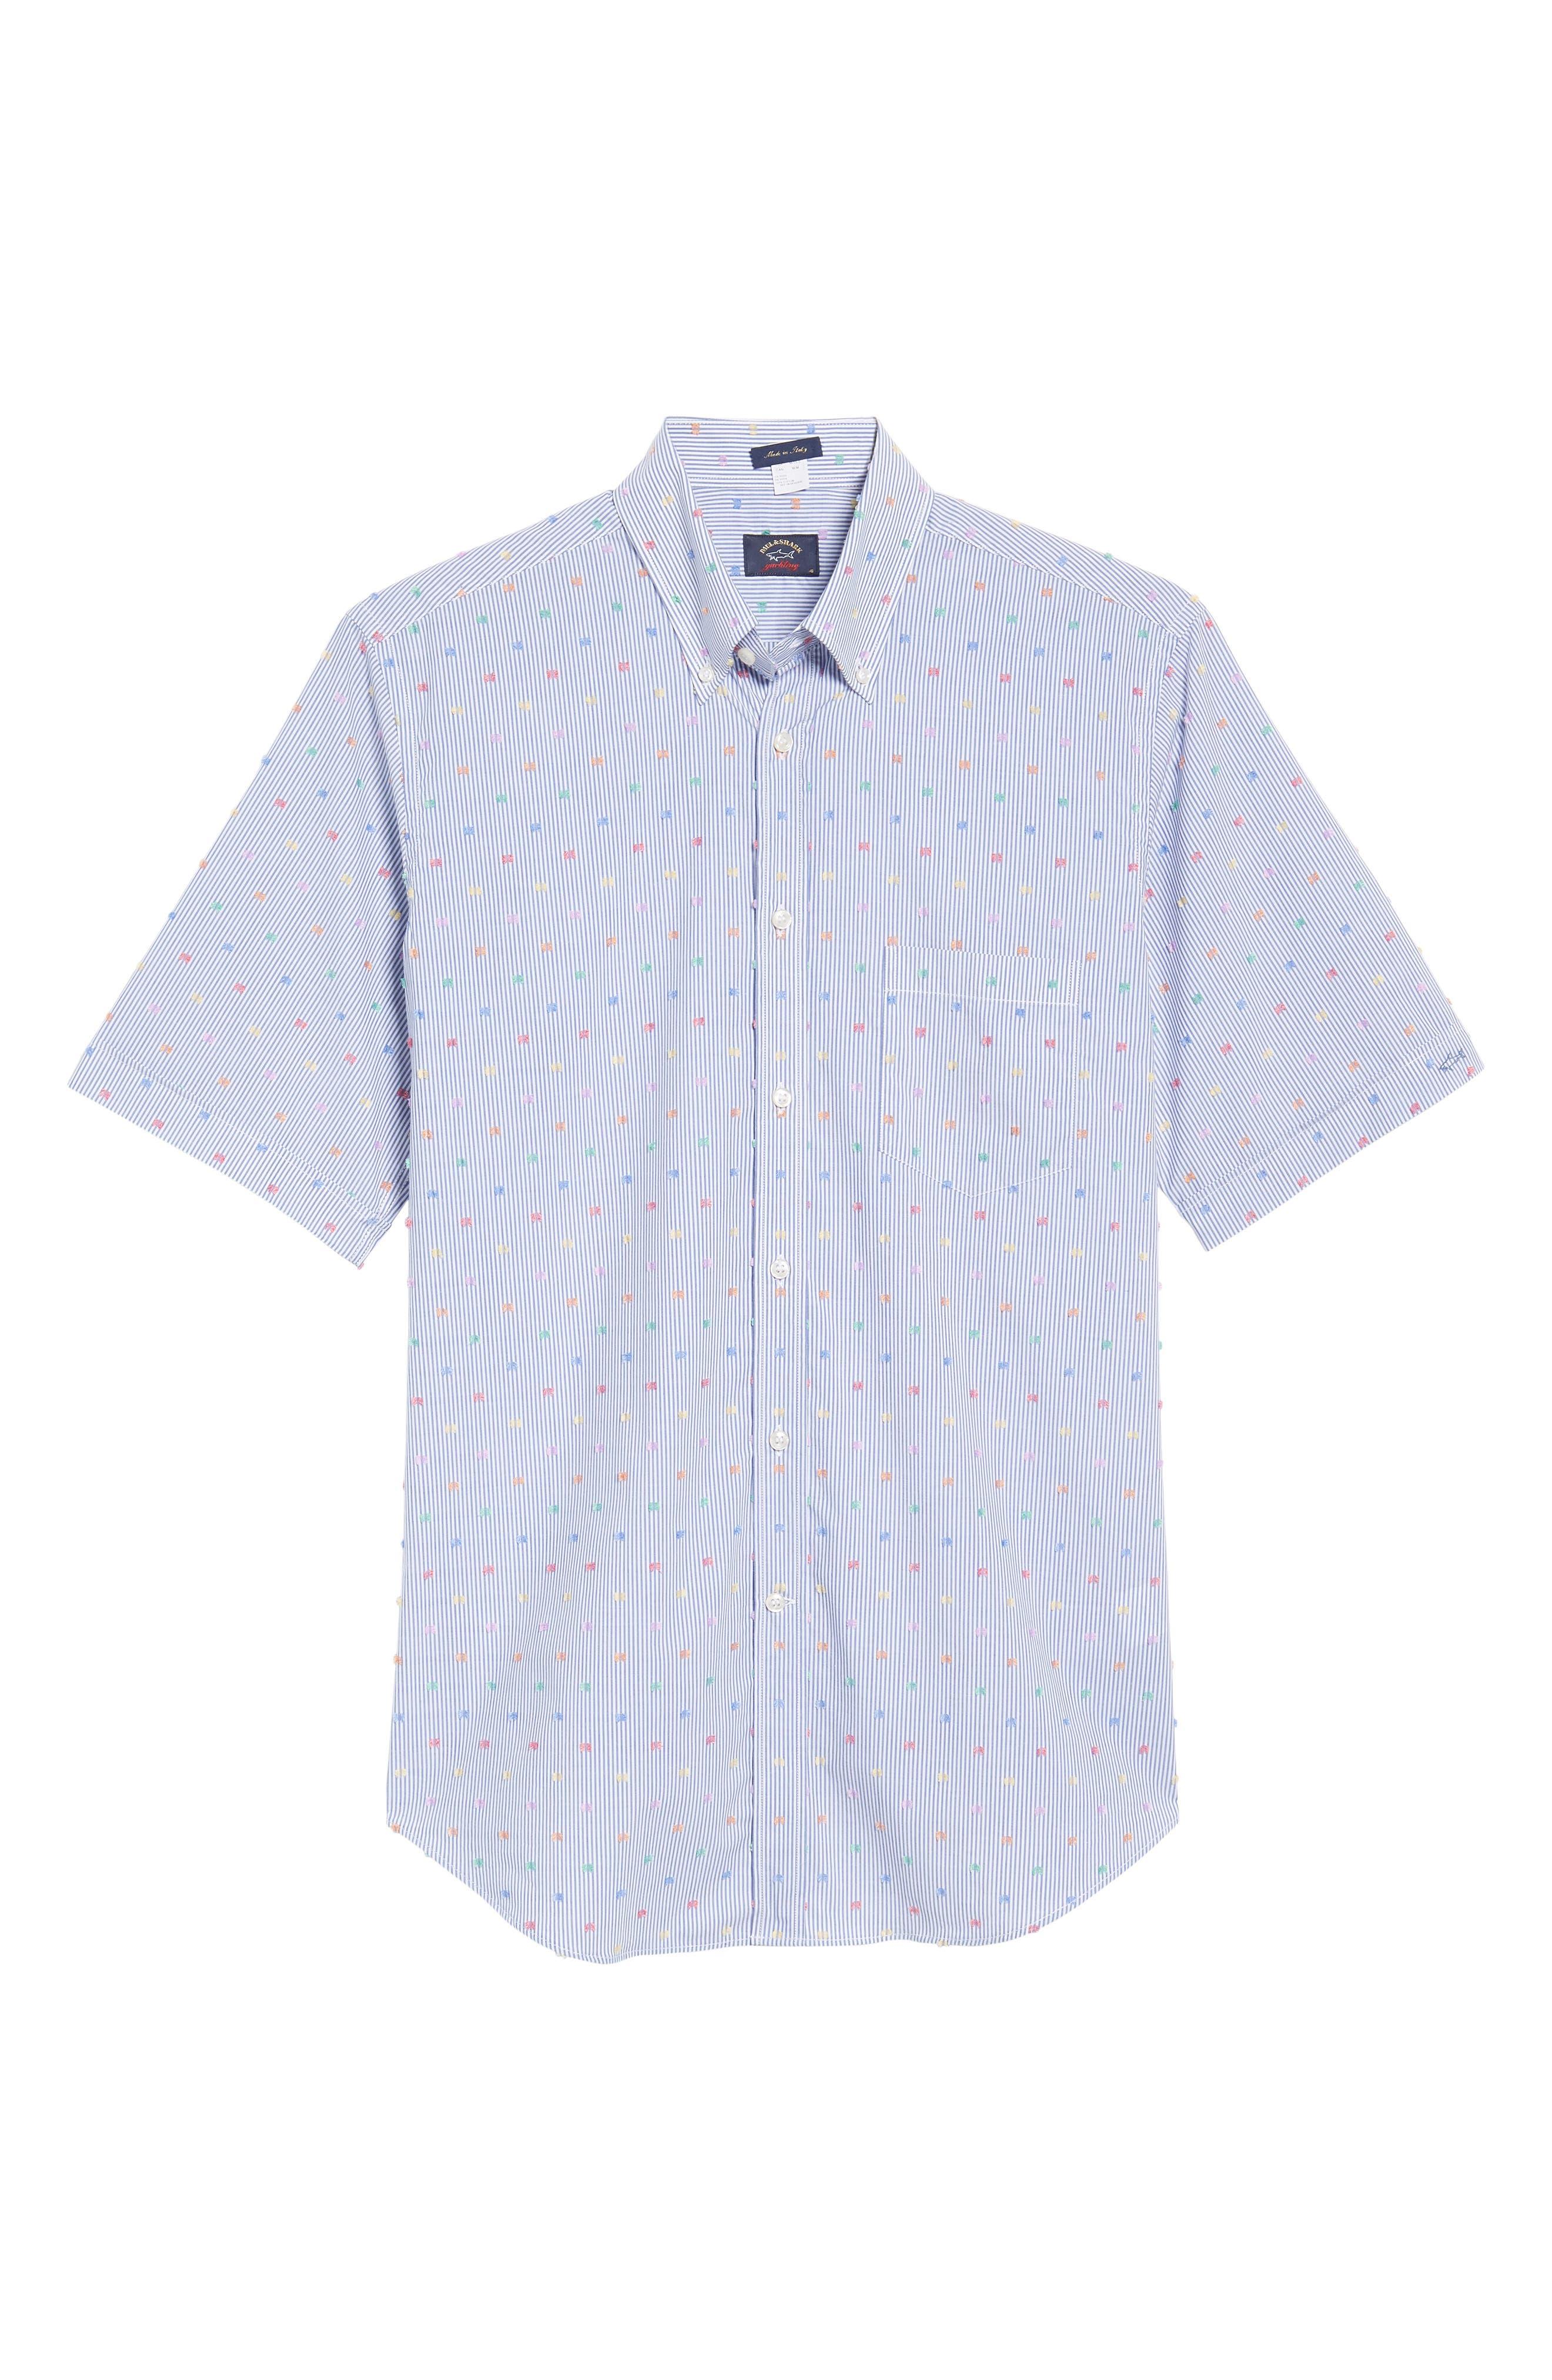 Paul&Shark Fin Stripe Sport Shirt,                             Alternate thumbnail 6, color,                             Blue/ White/ Multi